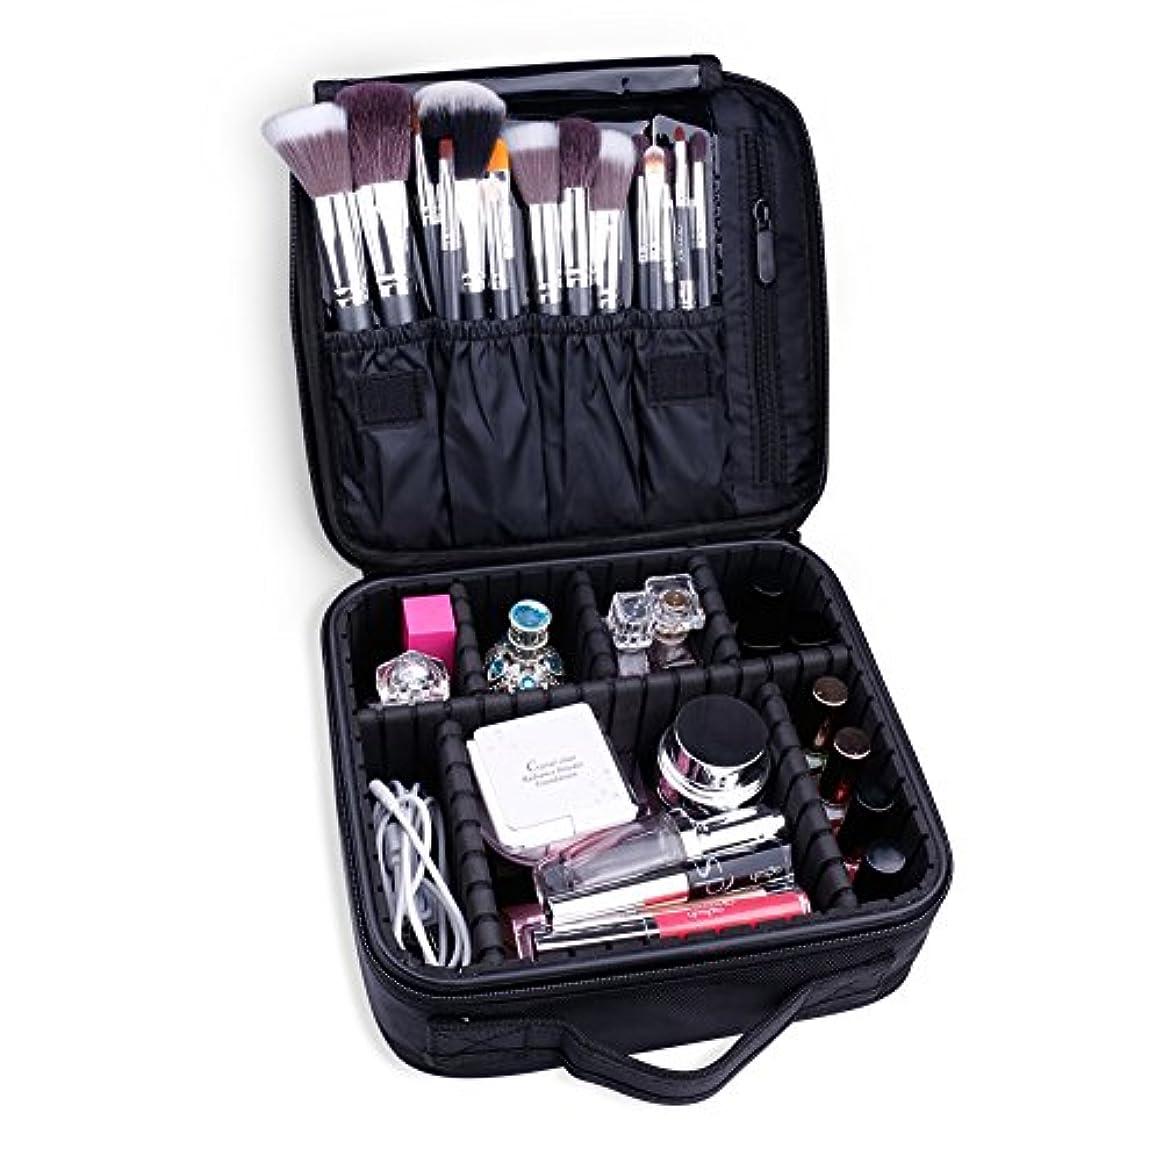 感染する返済湿度Docolor ドゥカラー 化粧ポーチ 高品質 多容量 化粧バッグ 多機能収納ケース